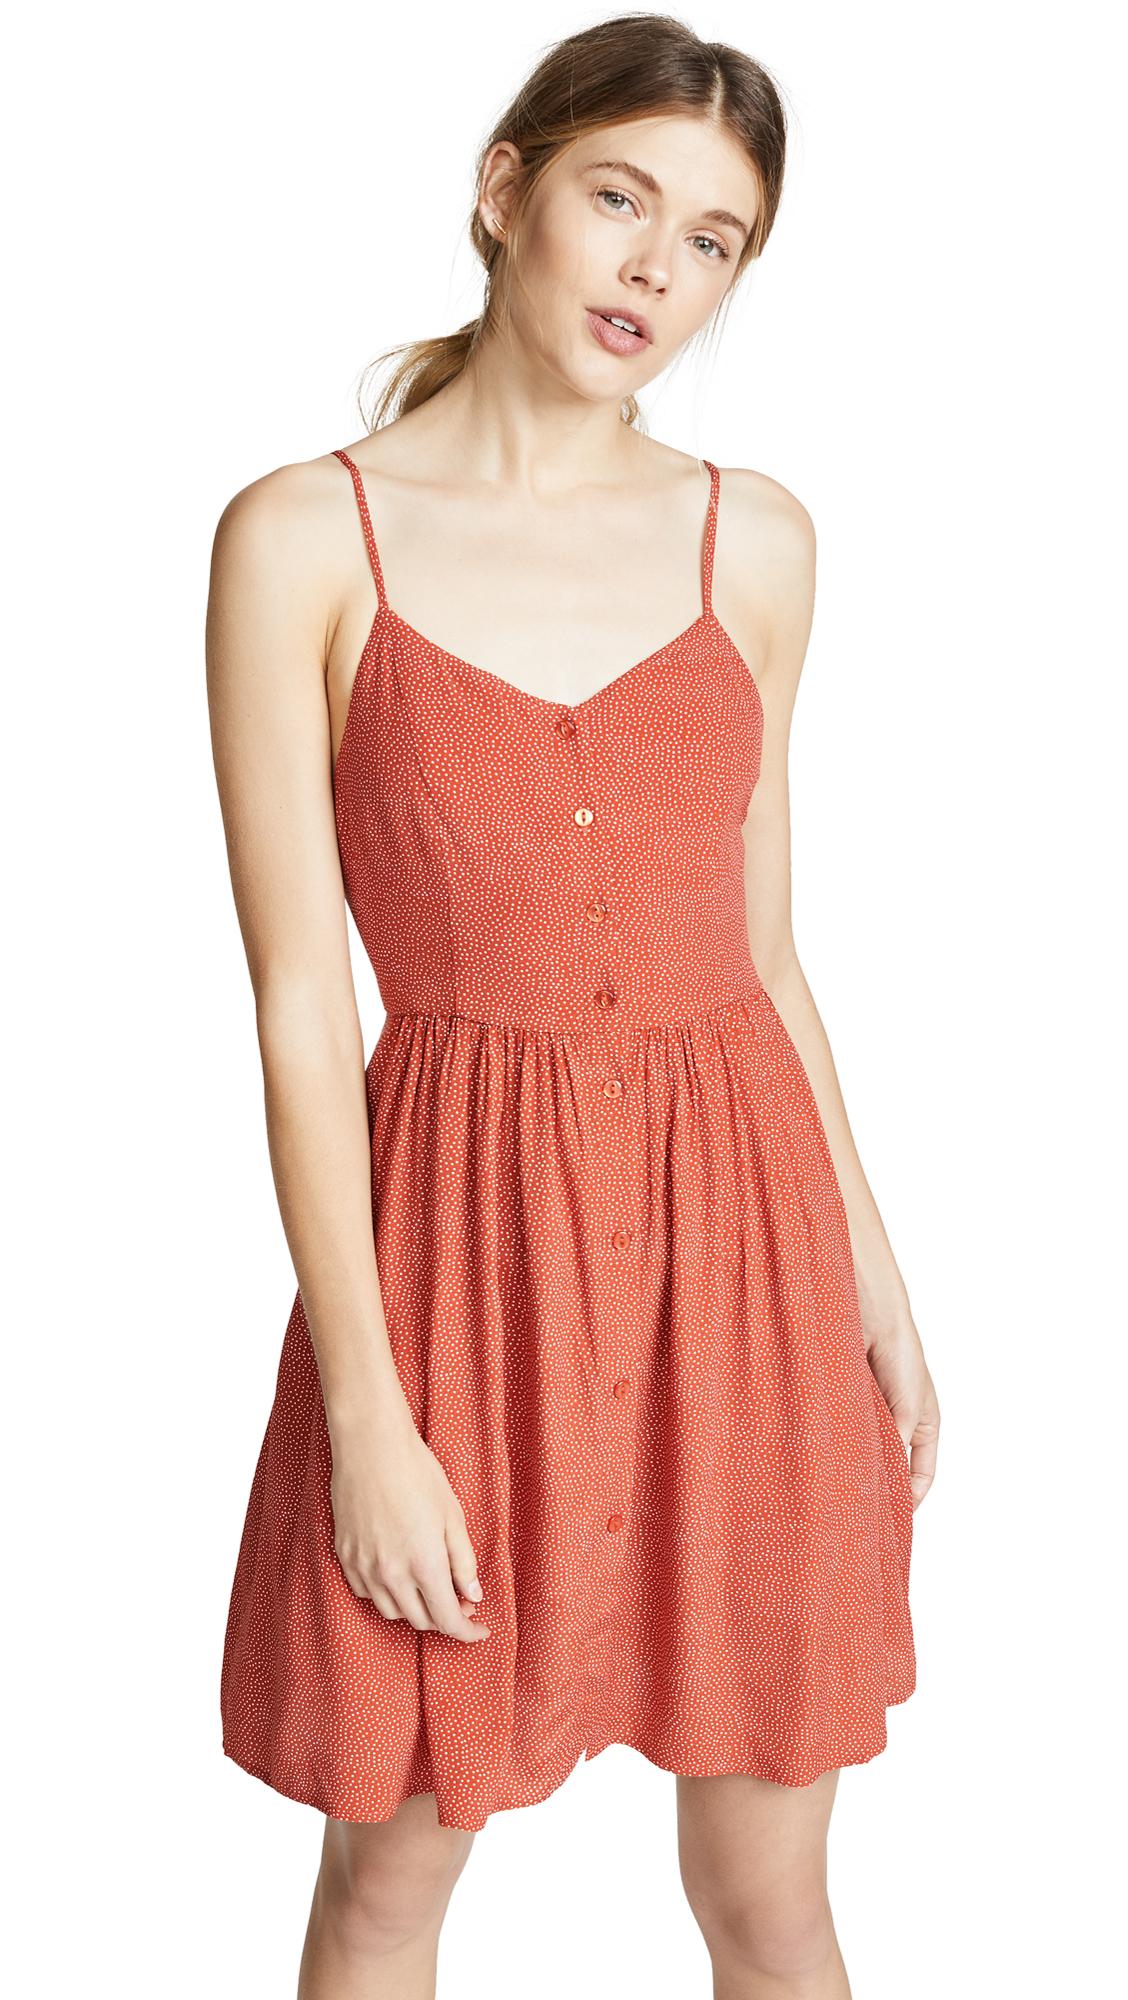 Rolla's Asta Dress